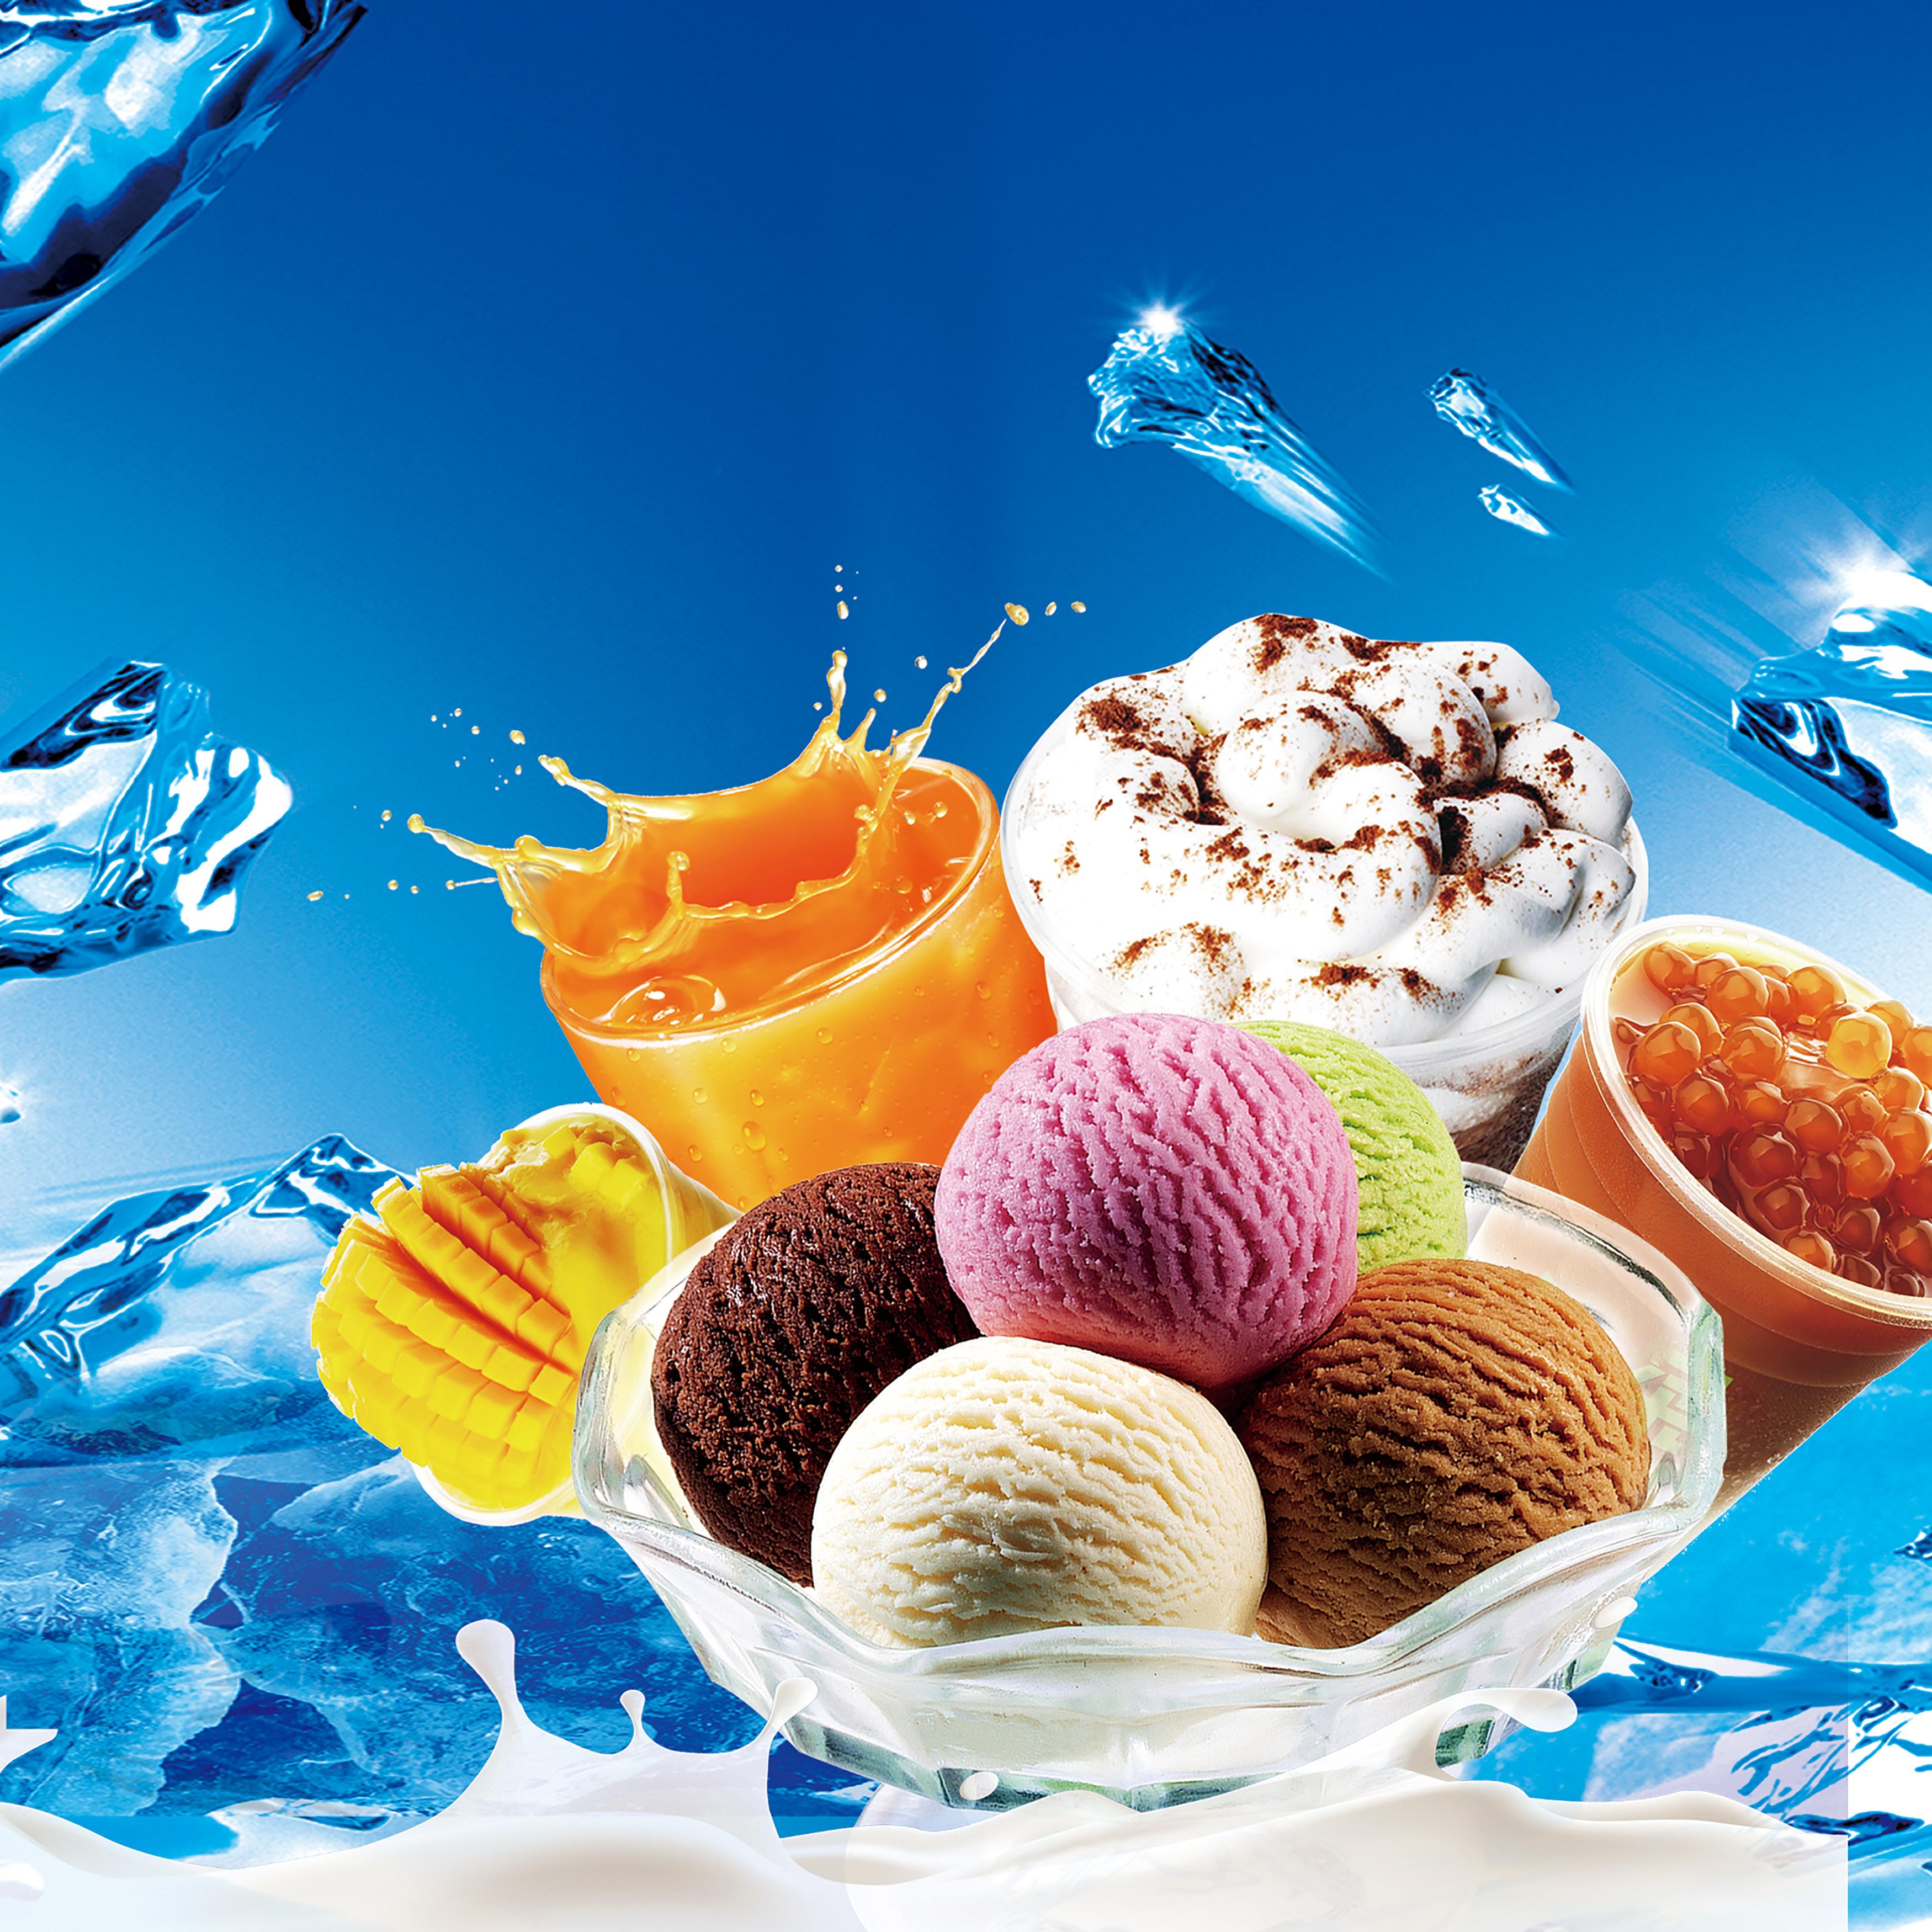 Download Cartoon Ice Cream Wallpaper Gallery: Decoração A Holiday Frutas Celebração Background Alimentos